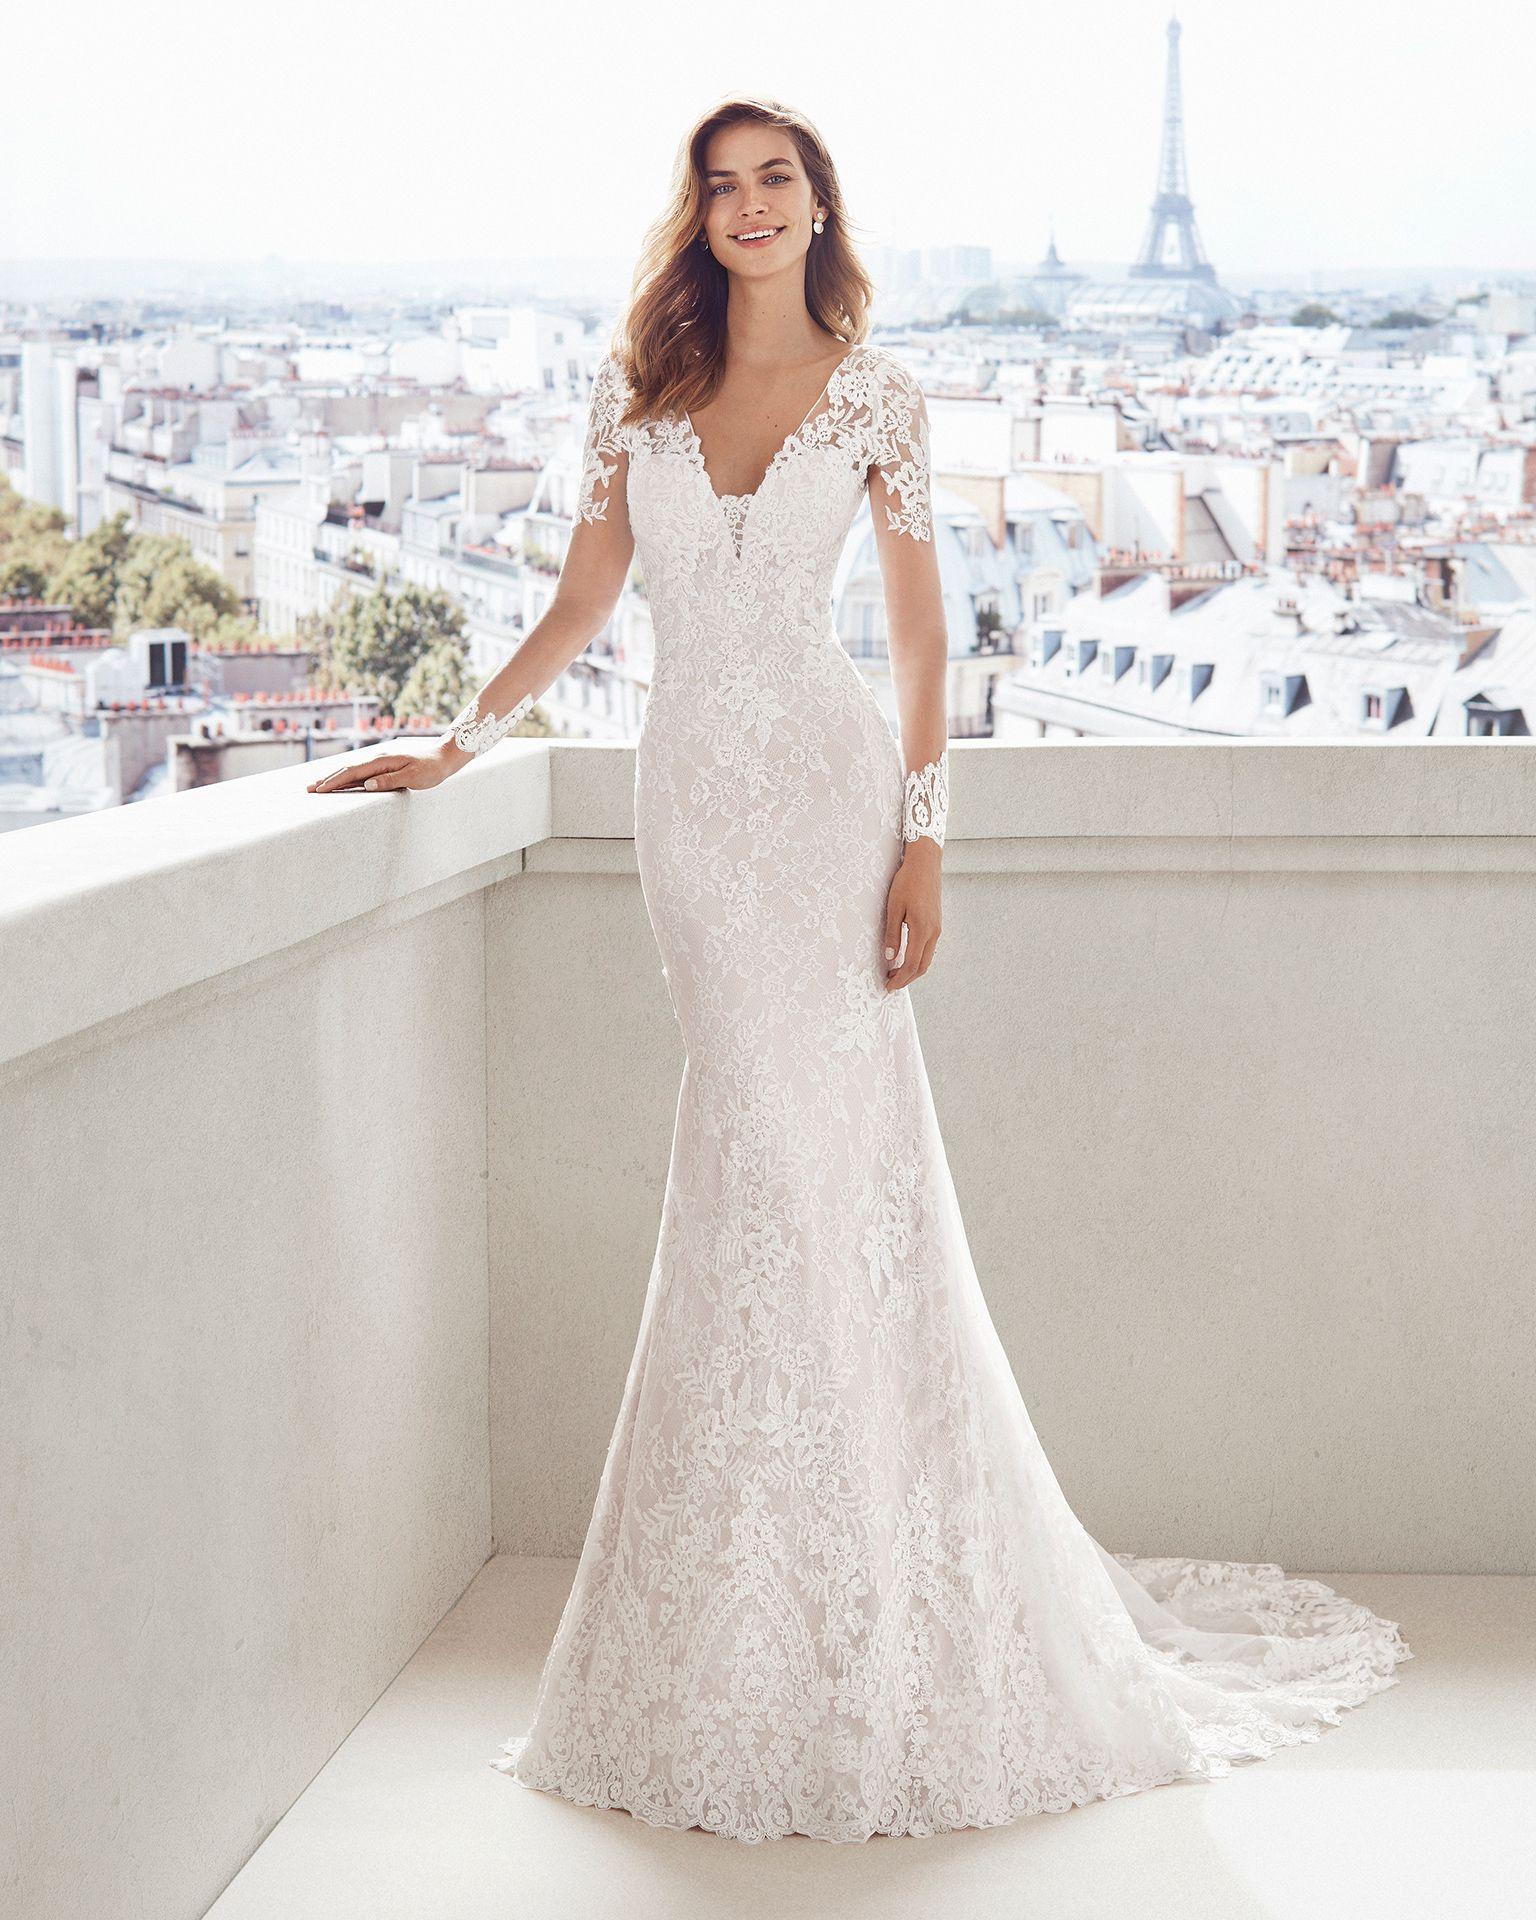 43523942ef Vestido de novia corte sirena de encaje. Escote V, manga larga y falda de  aplicaciones. Disponible en color natural y natural/champagne. Colección  2019.